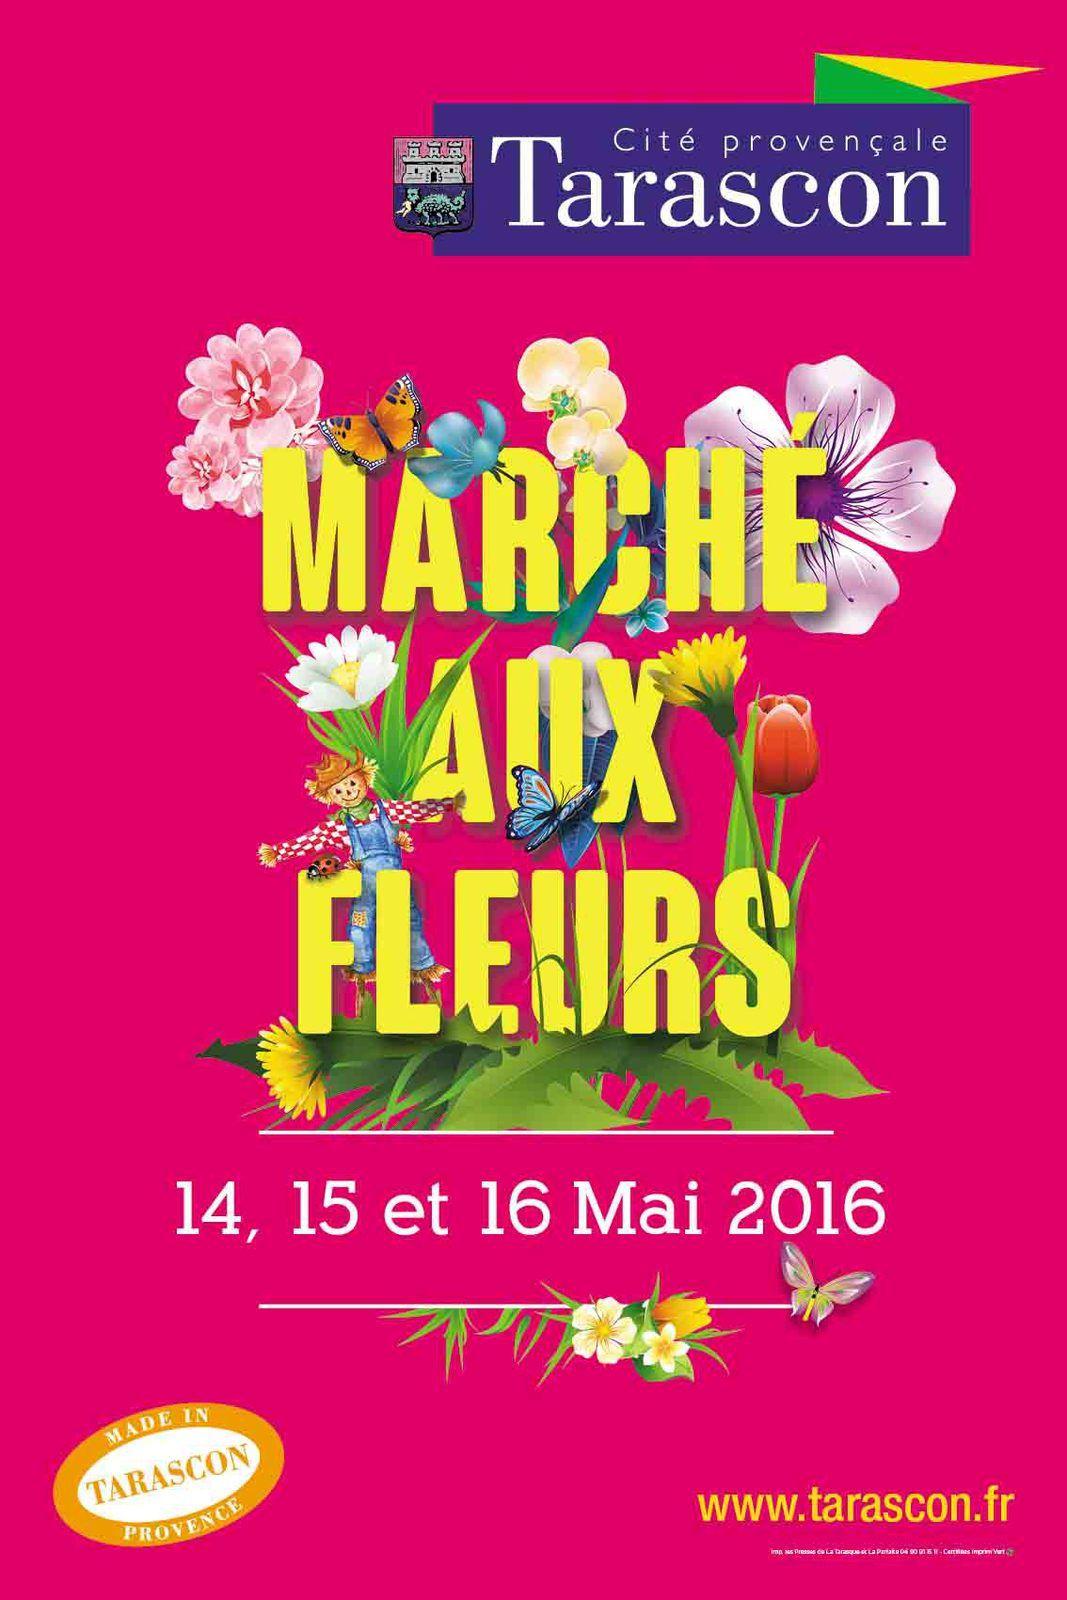 Les 14,15 & 16 Mai 2016, venez promener à Tarascon pour le Marché aux Fleurs !